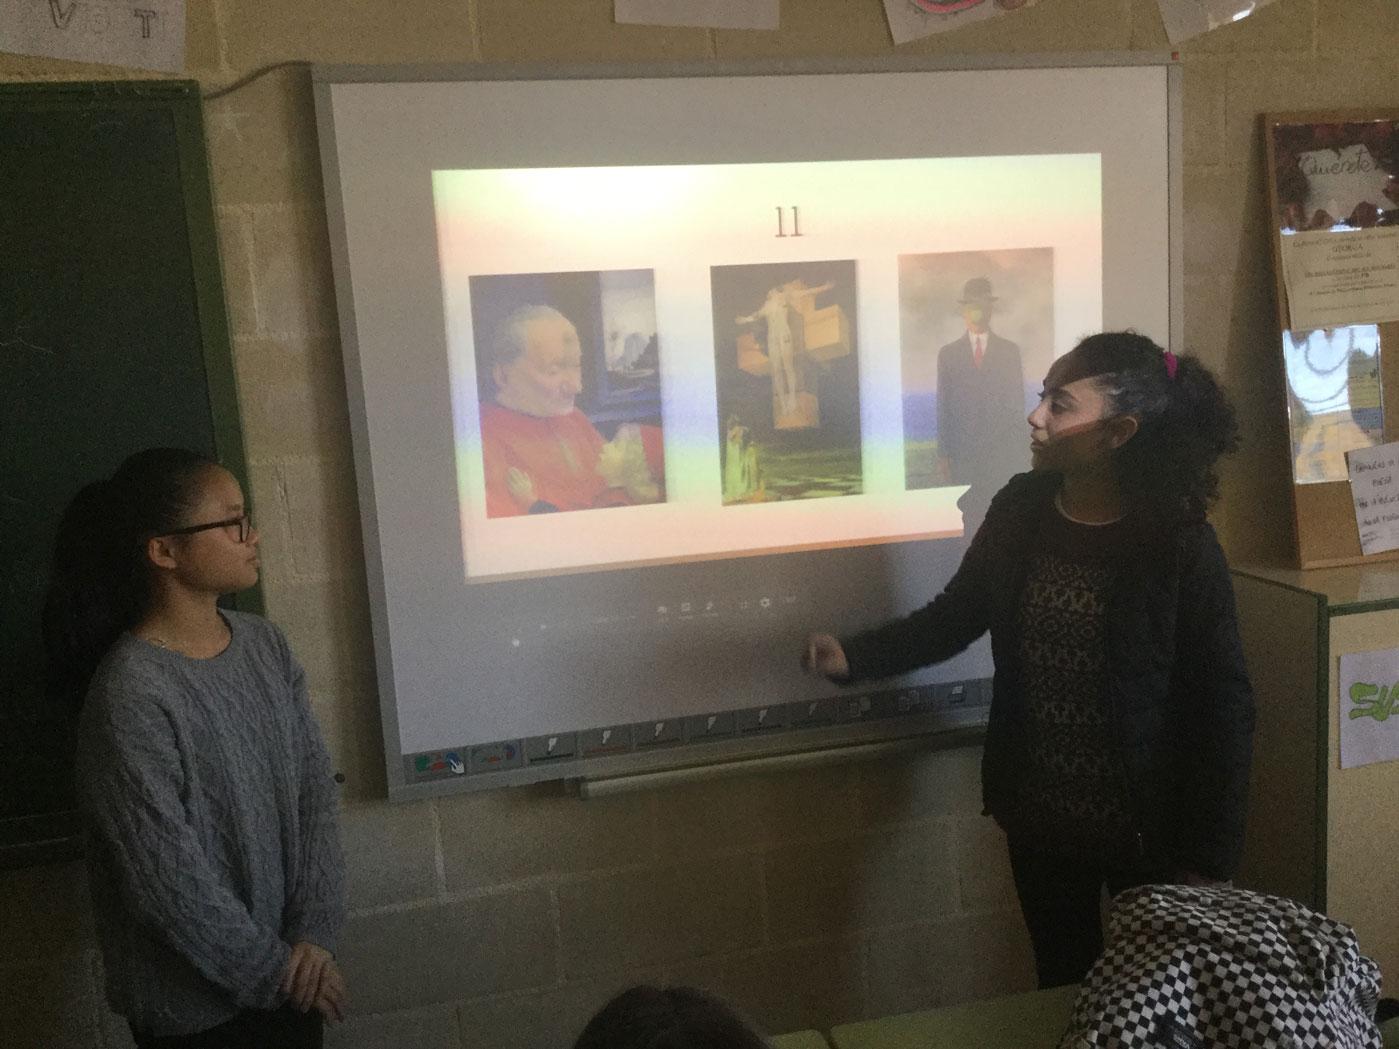 Role play acordando la obra a exponer en el aula.